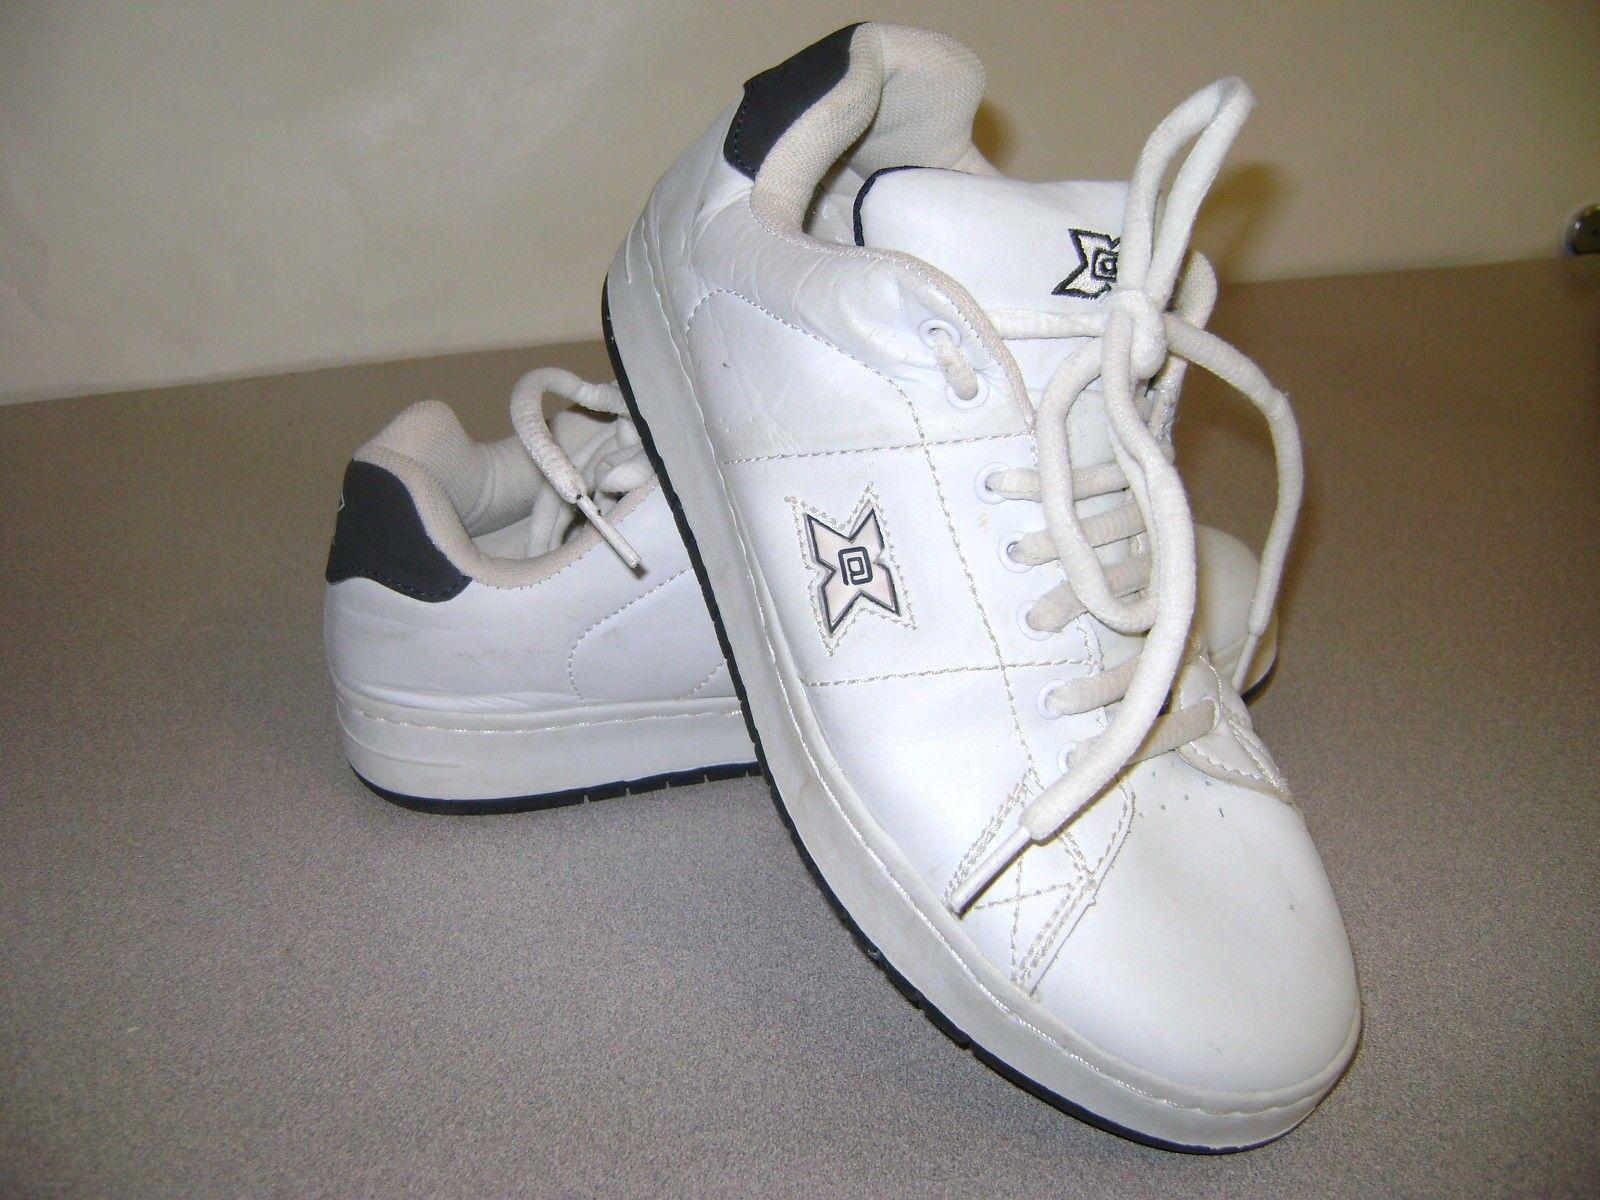 RJA Premium Leather White 900612 sz 9